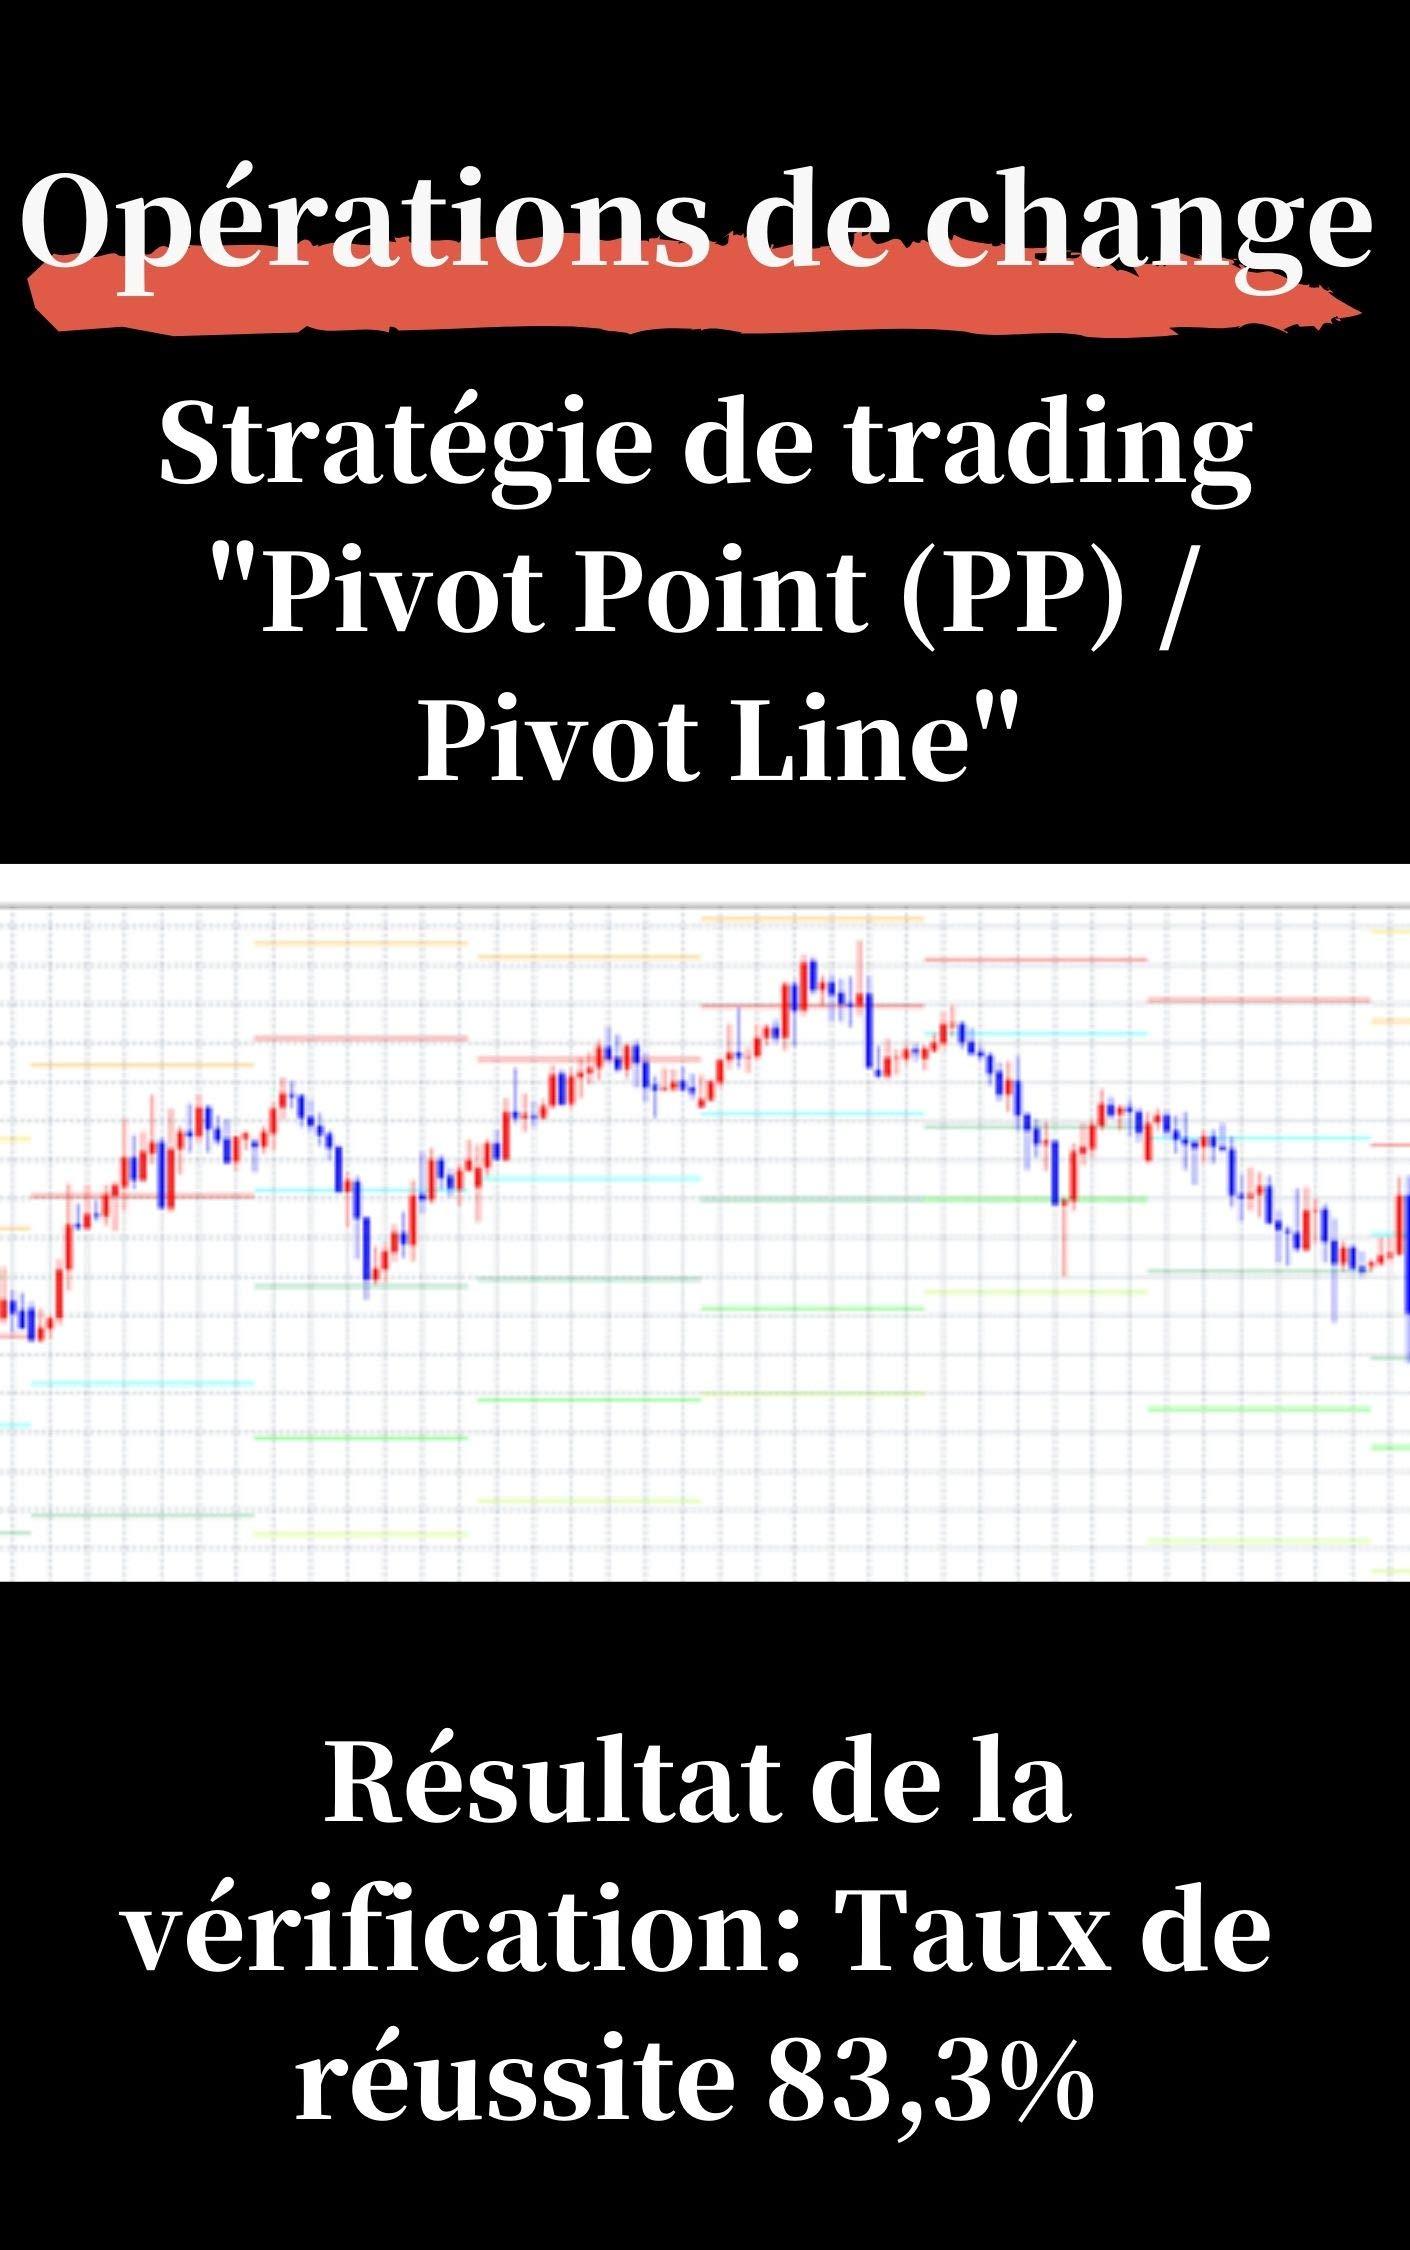 Opérations de change Stratégie de trading